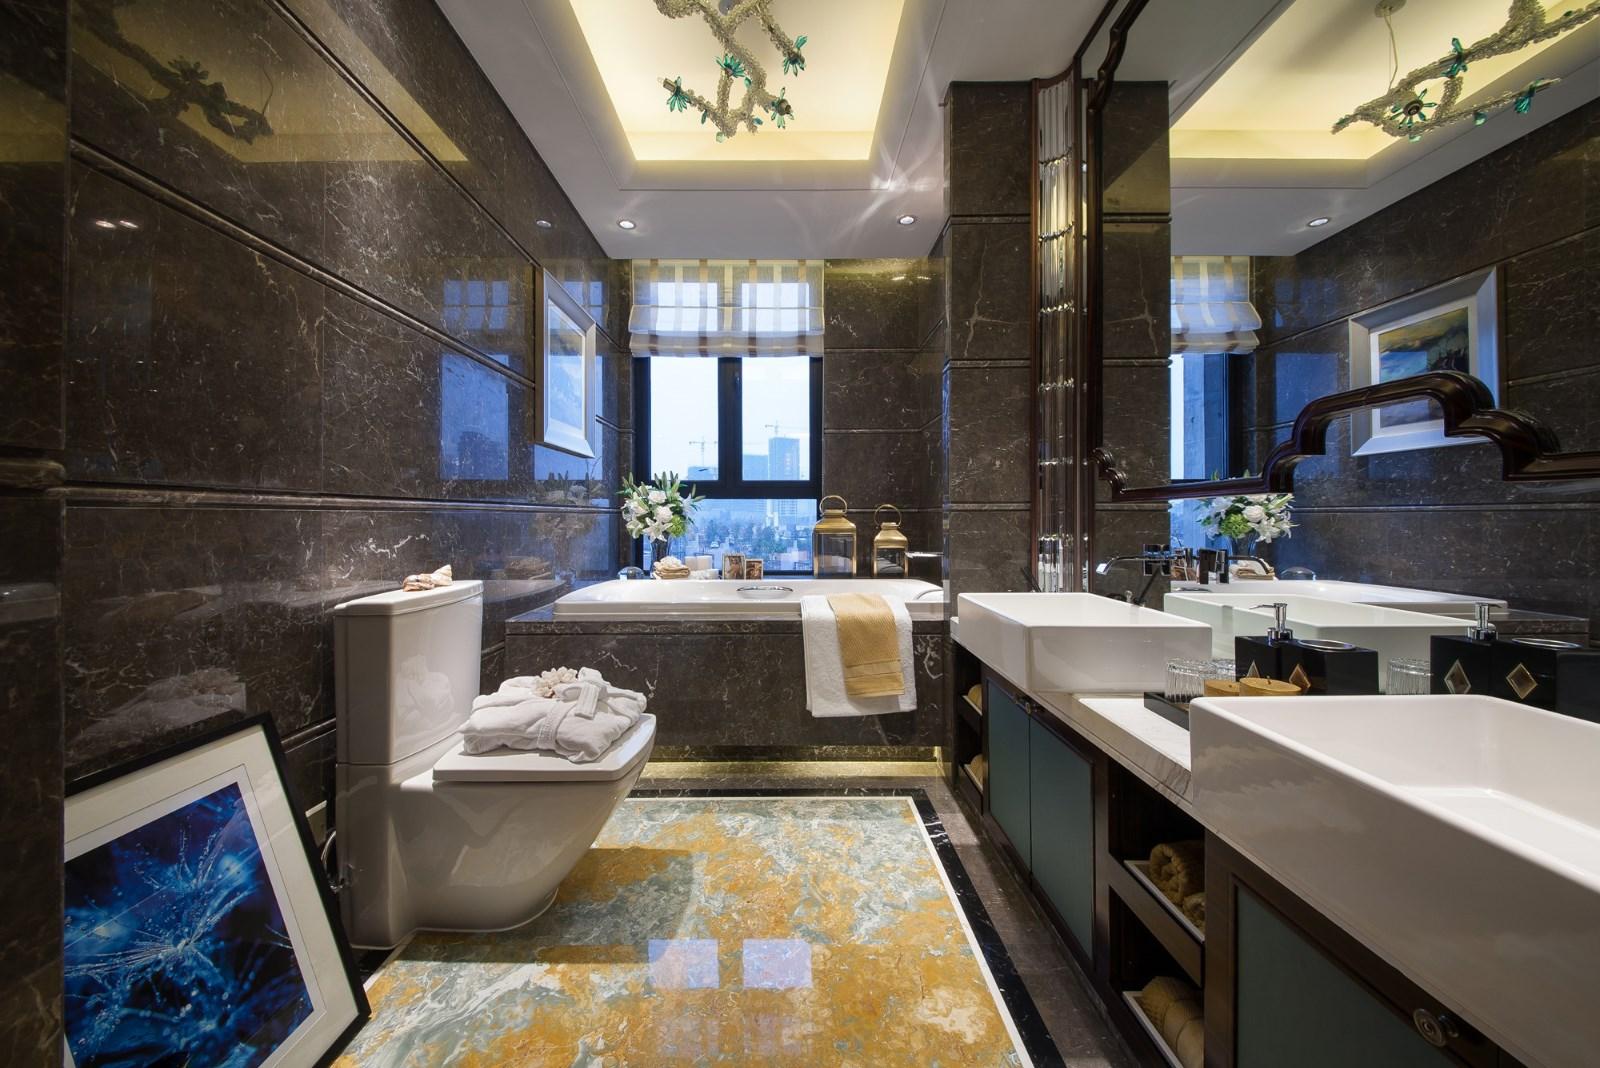 卫生间墙面的砖,呈现出一个时尚与韵味兼具的空间。